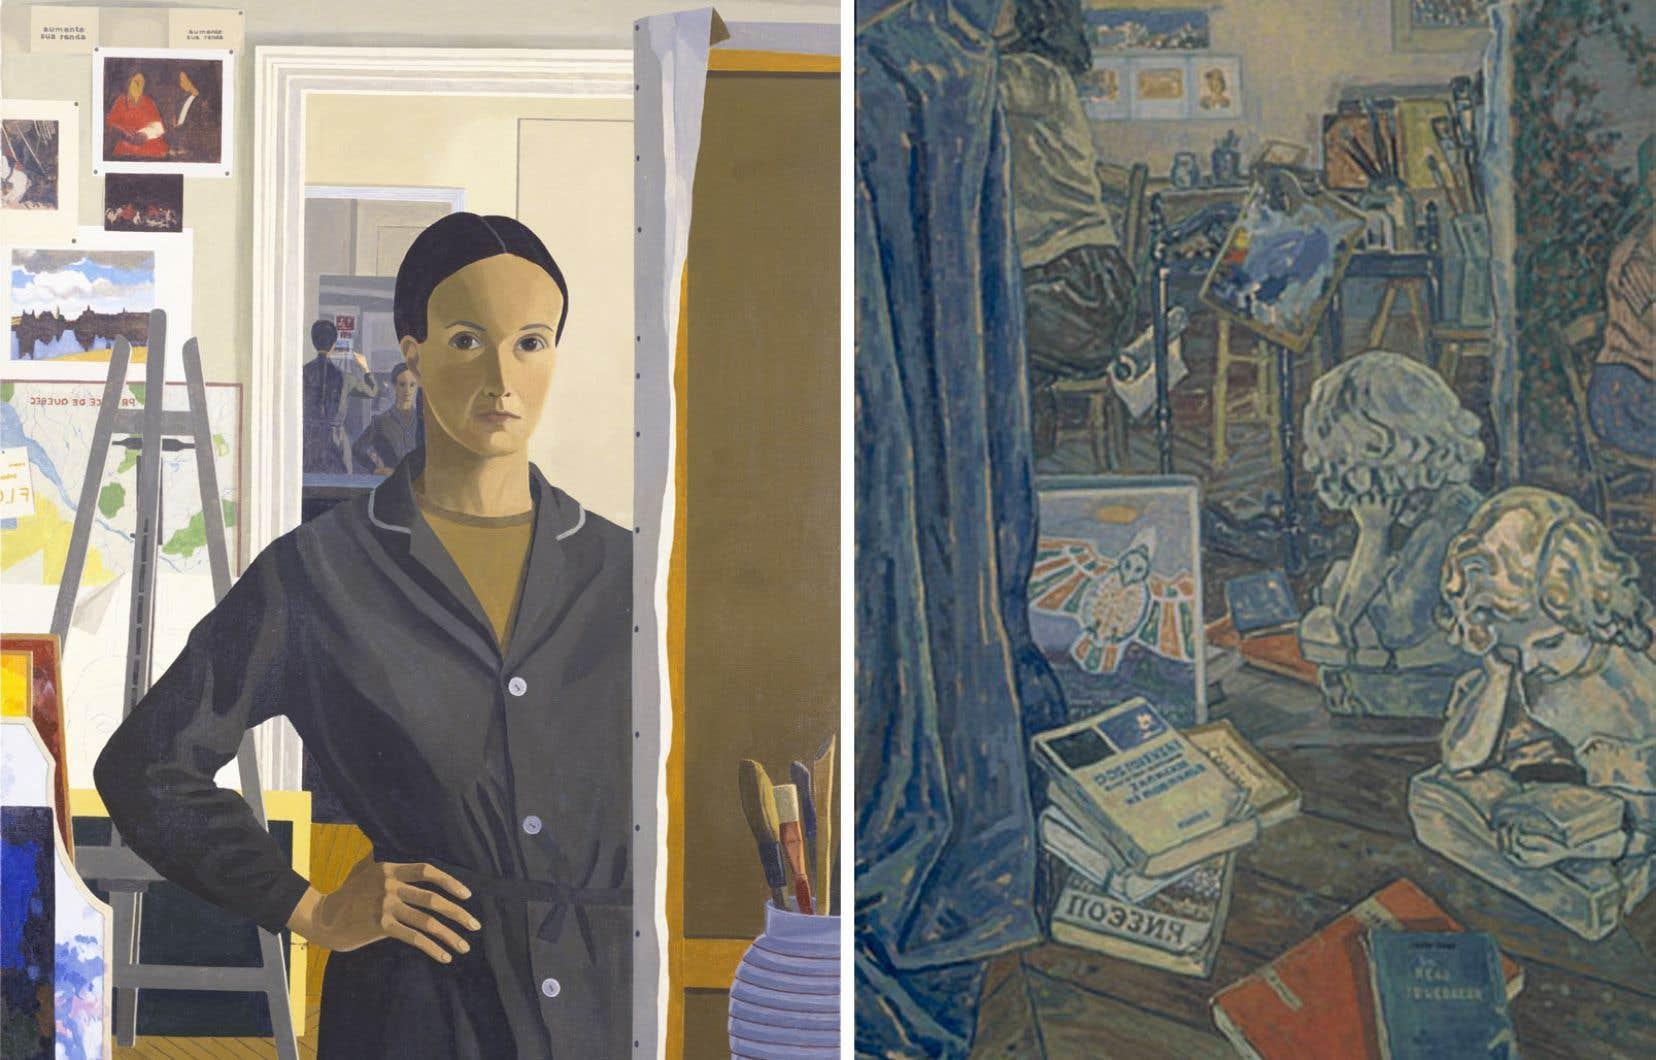 À gauche: Marcella Maltais, autoportrait (1972-1973). À droite: Marcella Maltais, «Un beau ténébreux» (1986).